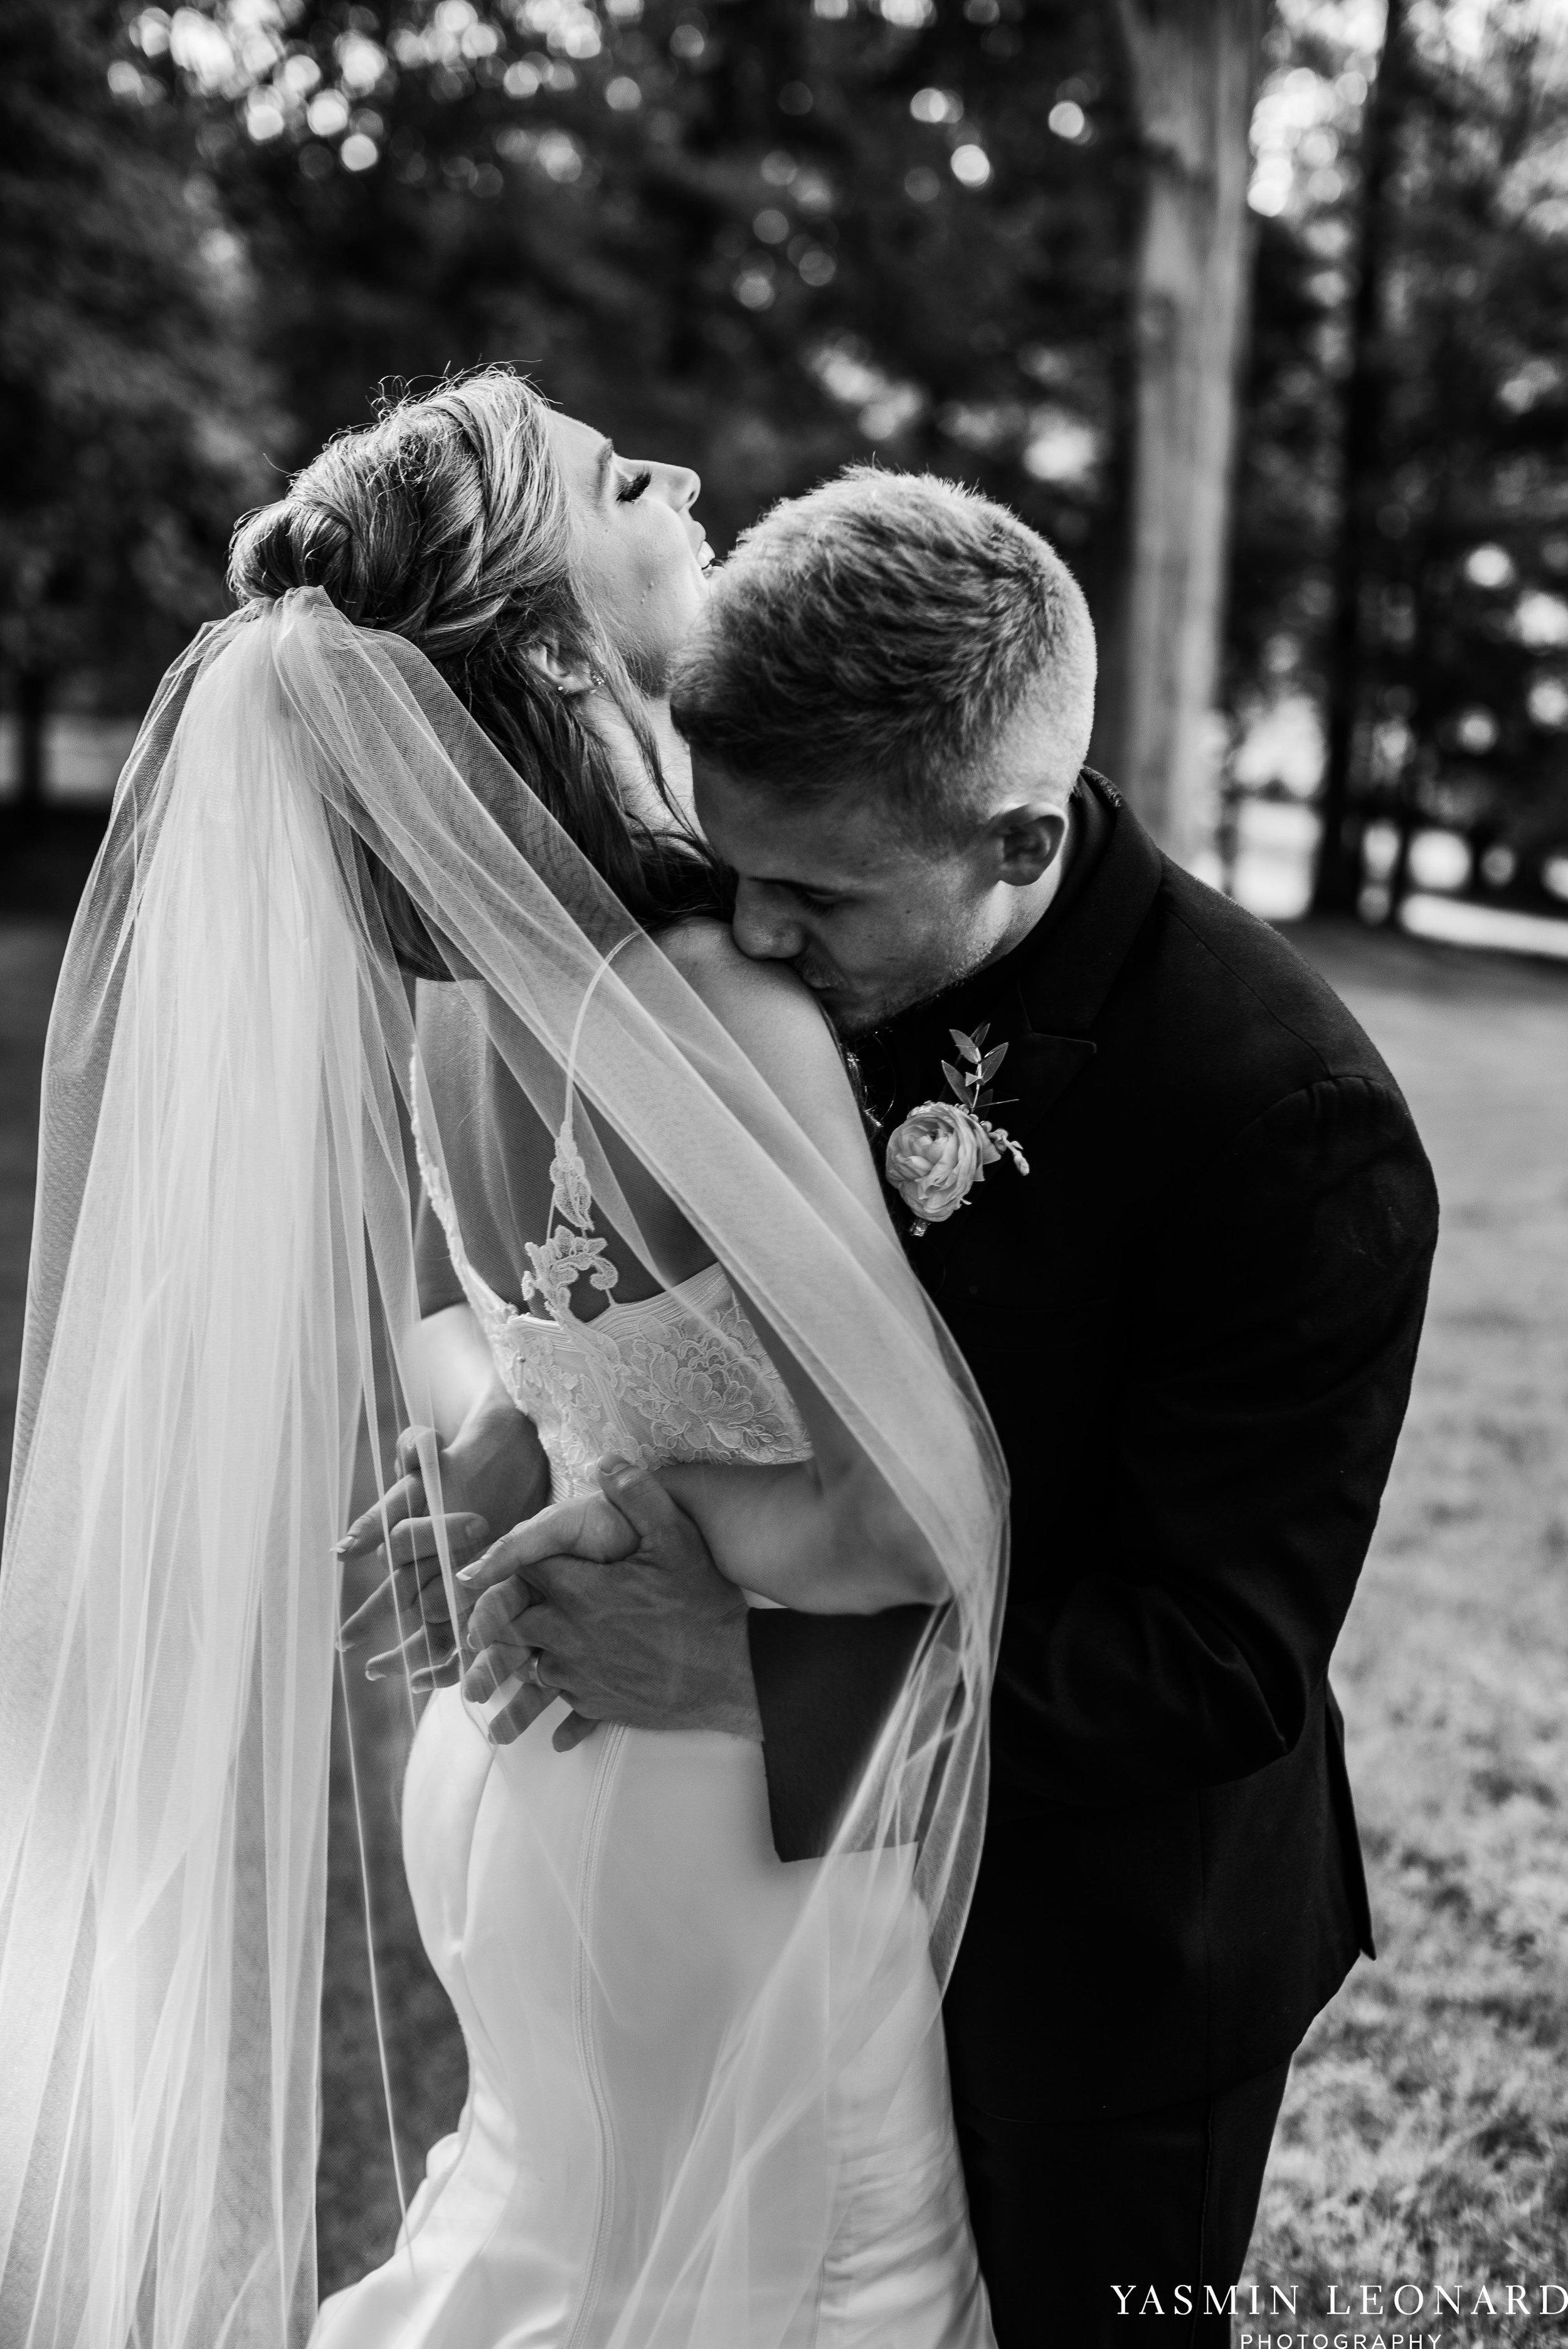 Boxwood Estate - Boxwood Estate Wedding - Luxury Wedding - Black and White Wedding - NC Wedding Venues - NC Weddings - NC Photographer - Lantern Release Grand Exit - Large Wedding Party - Yasmin Leonard Photography-43.jpg